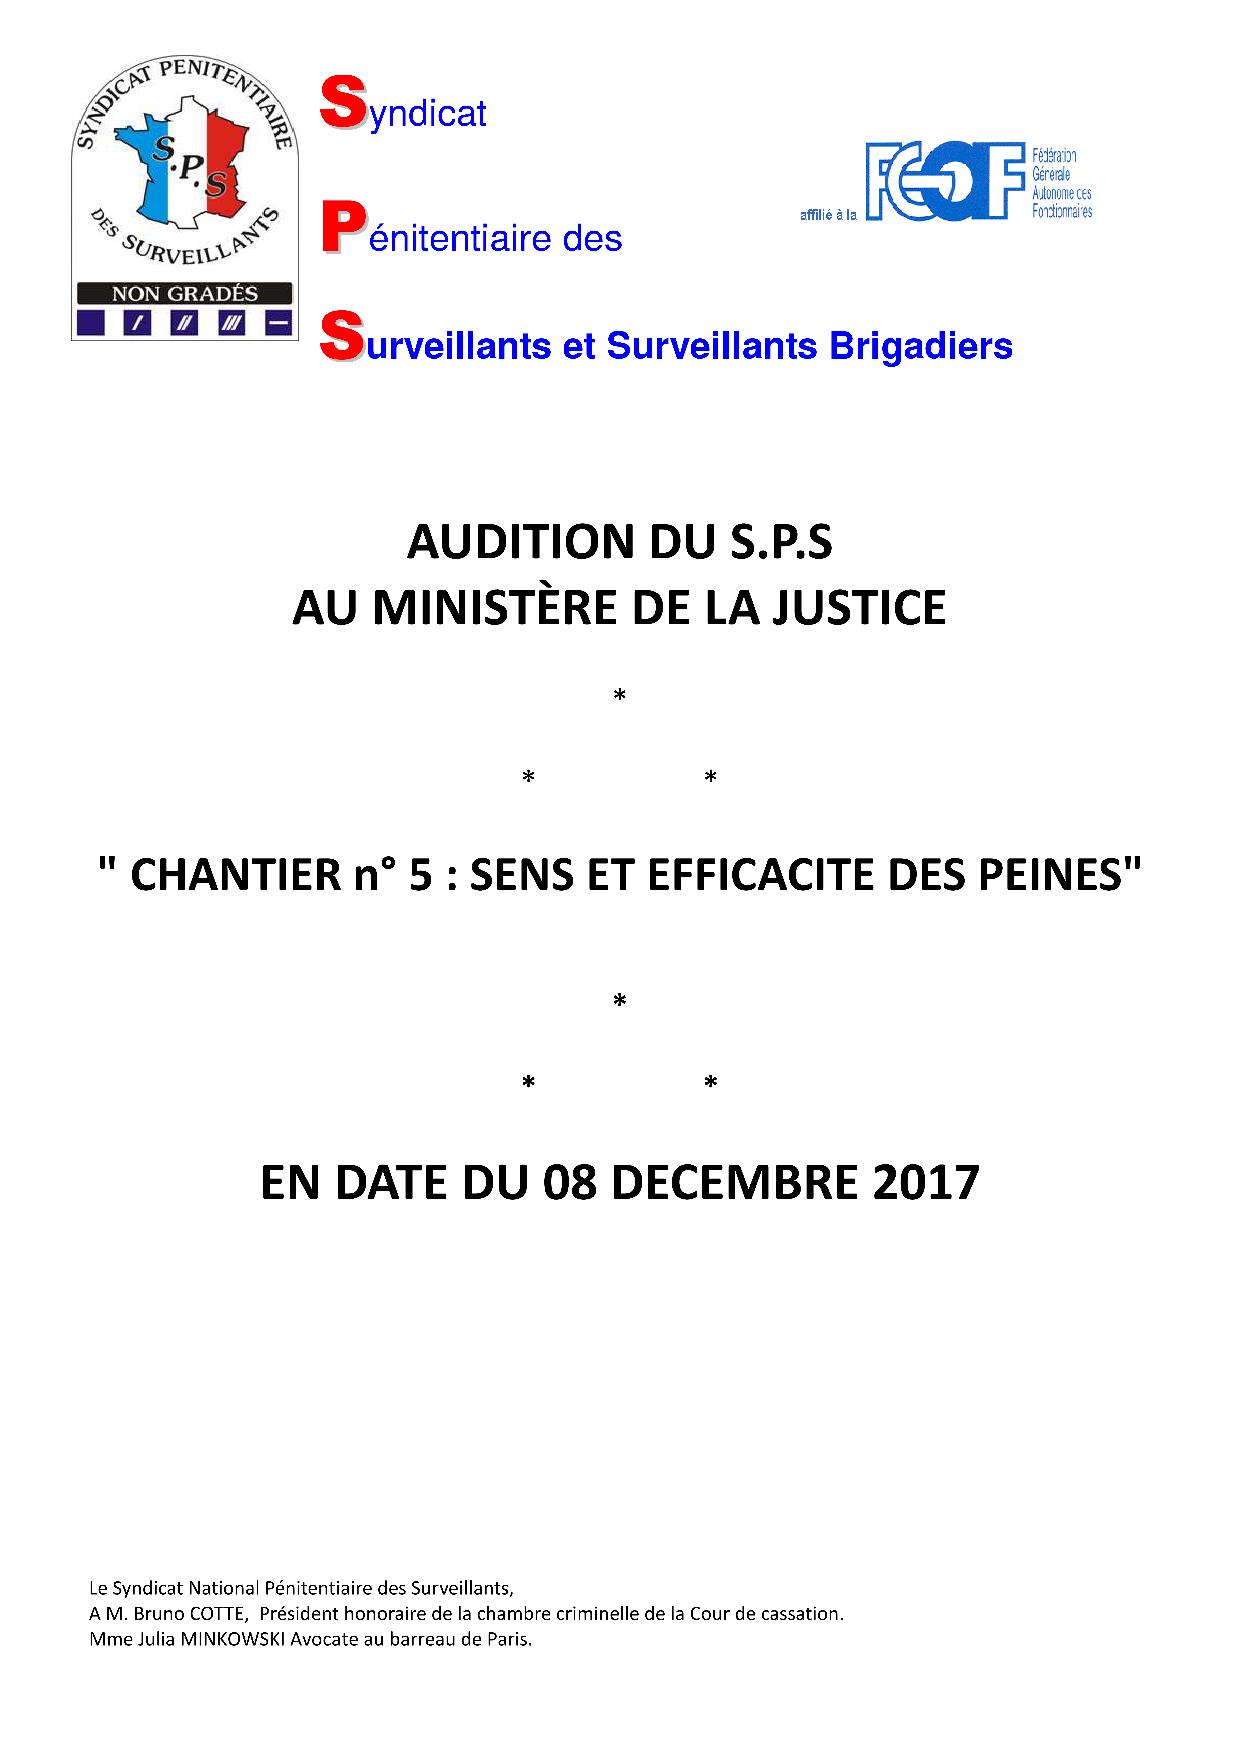 Audition SPS-Minsitère de la Justice Sens et efficacité des peines